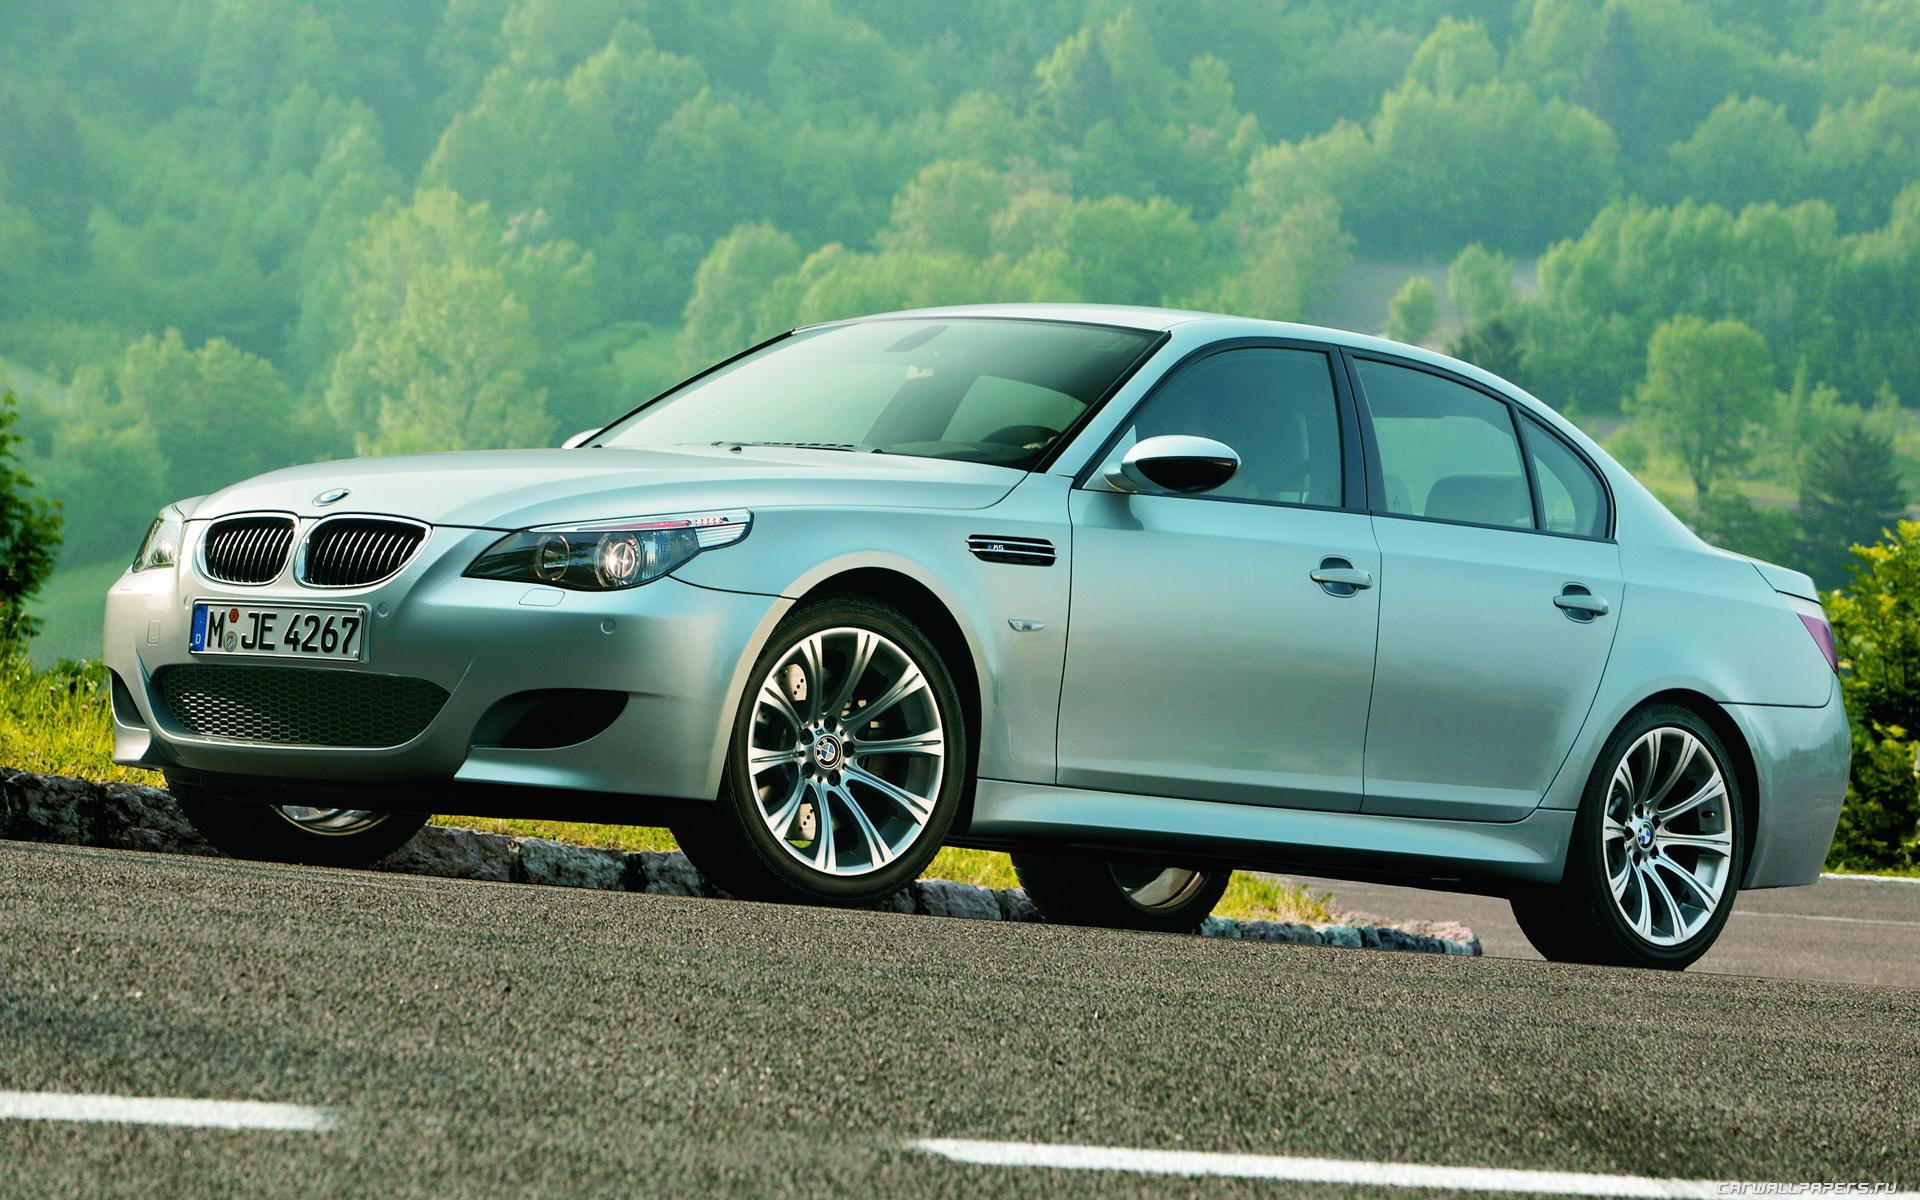 BMW M5 Sedan 2004 1920x1200 021 1920x1200